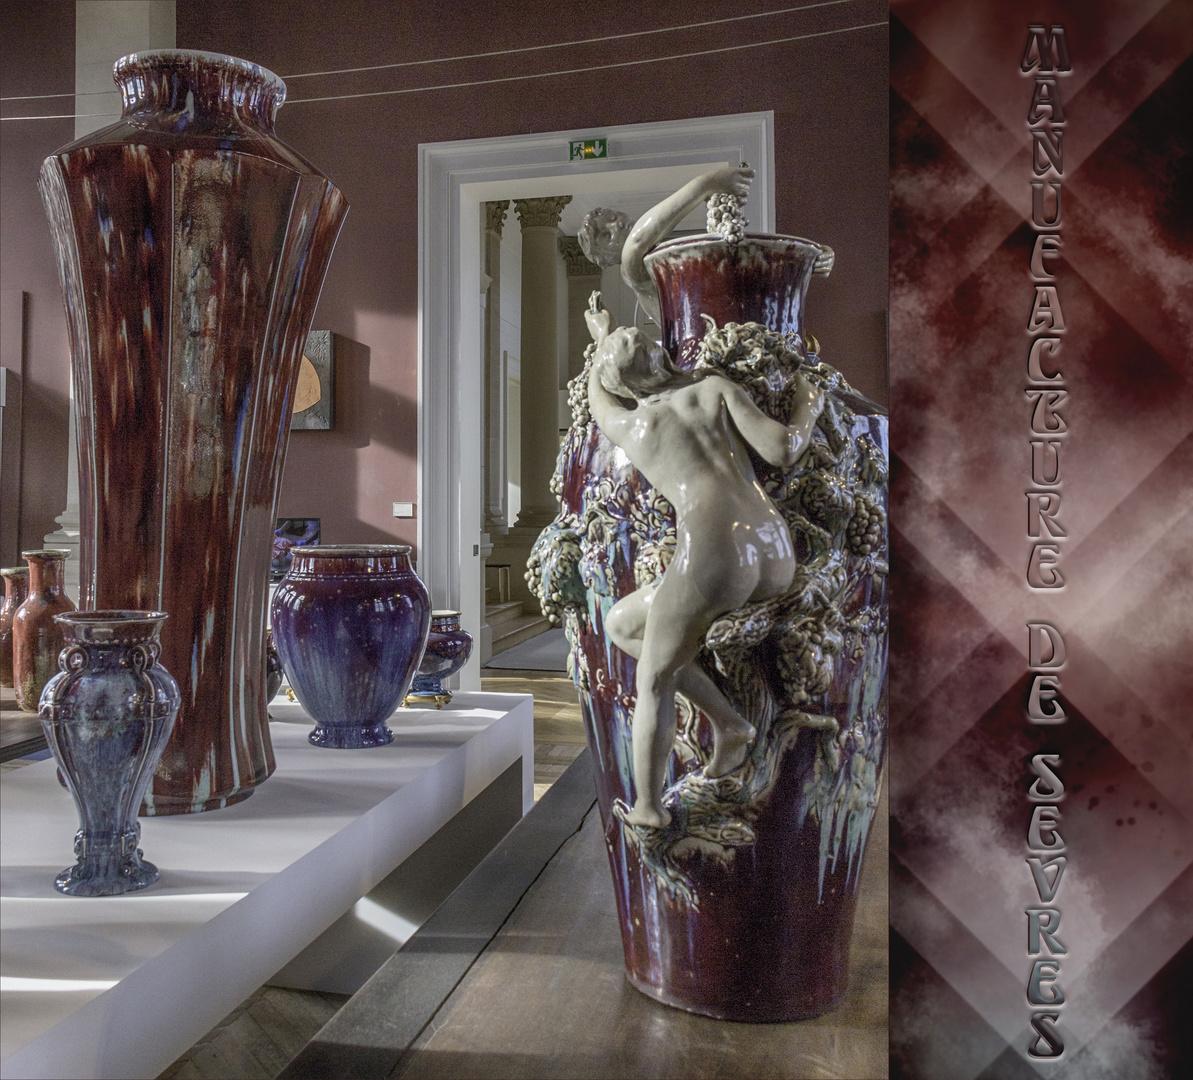 L'art de la porcelaine